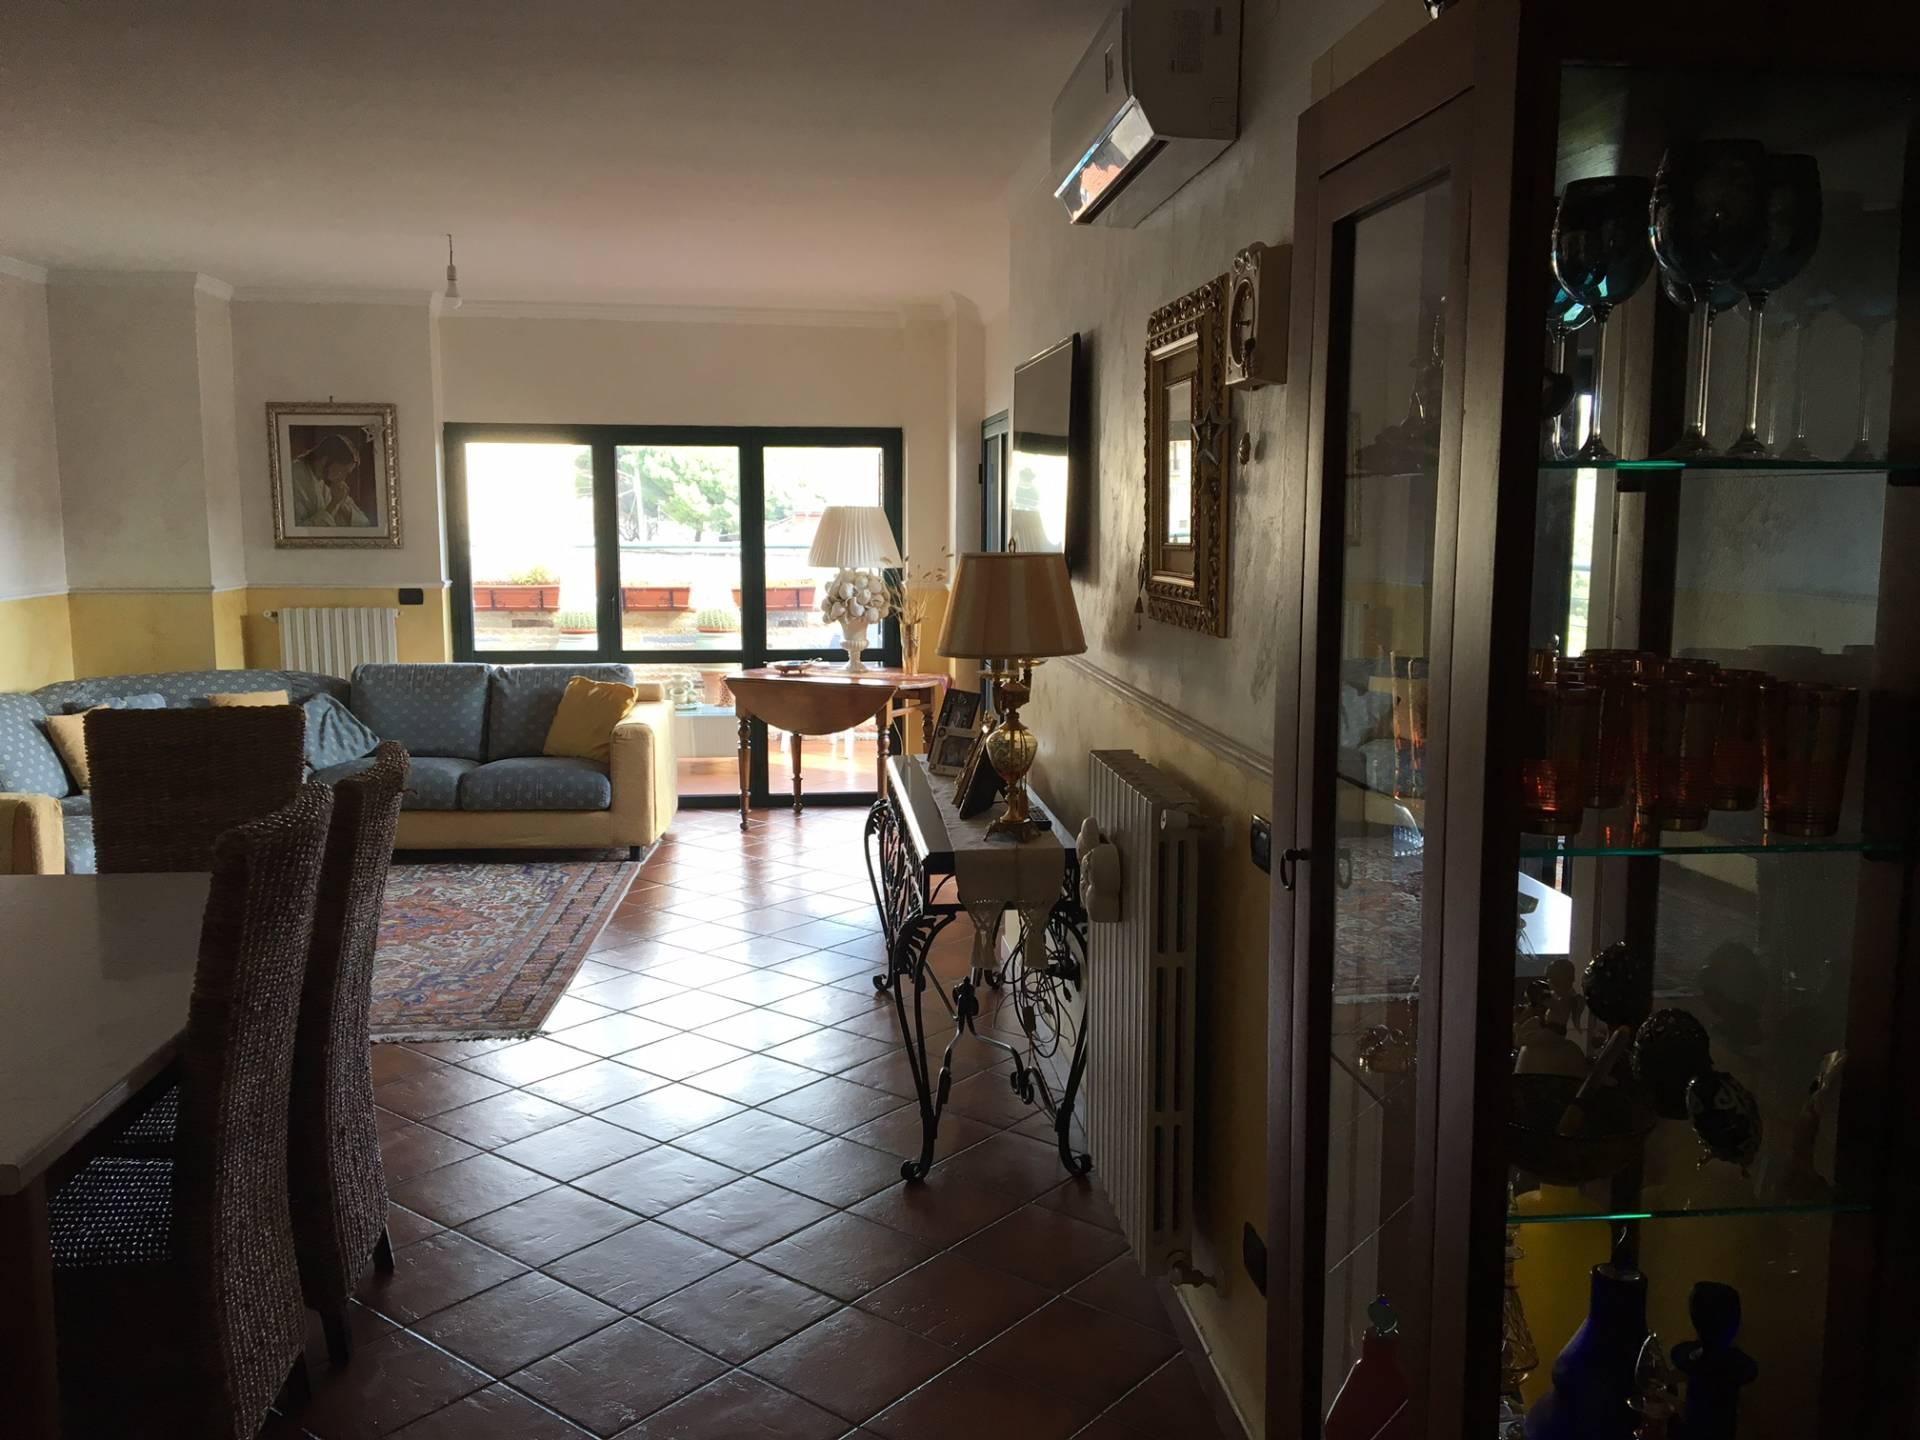 Appartamento in vendita a Catanzaro, 4 locali, zona Località: CATANZAROSUD, prezzo € 220.000 | Cambio Casa.it